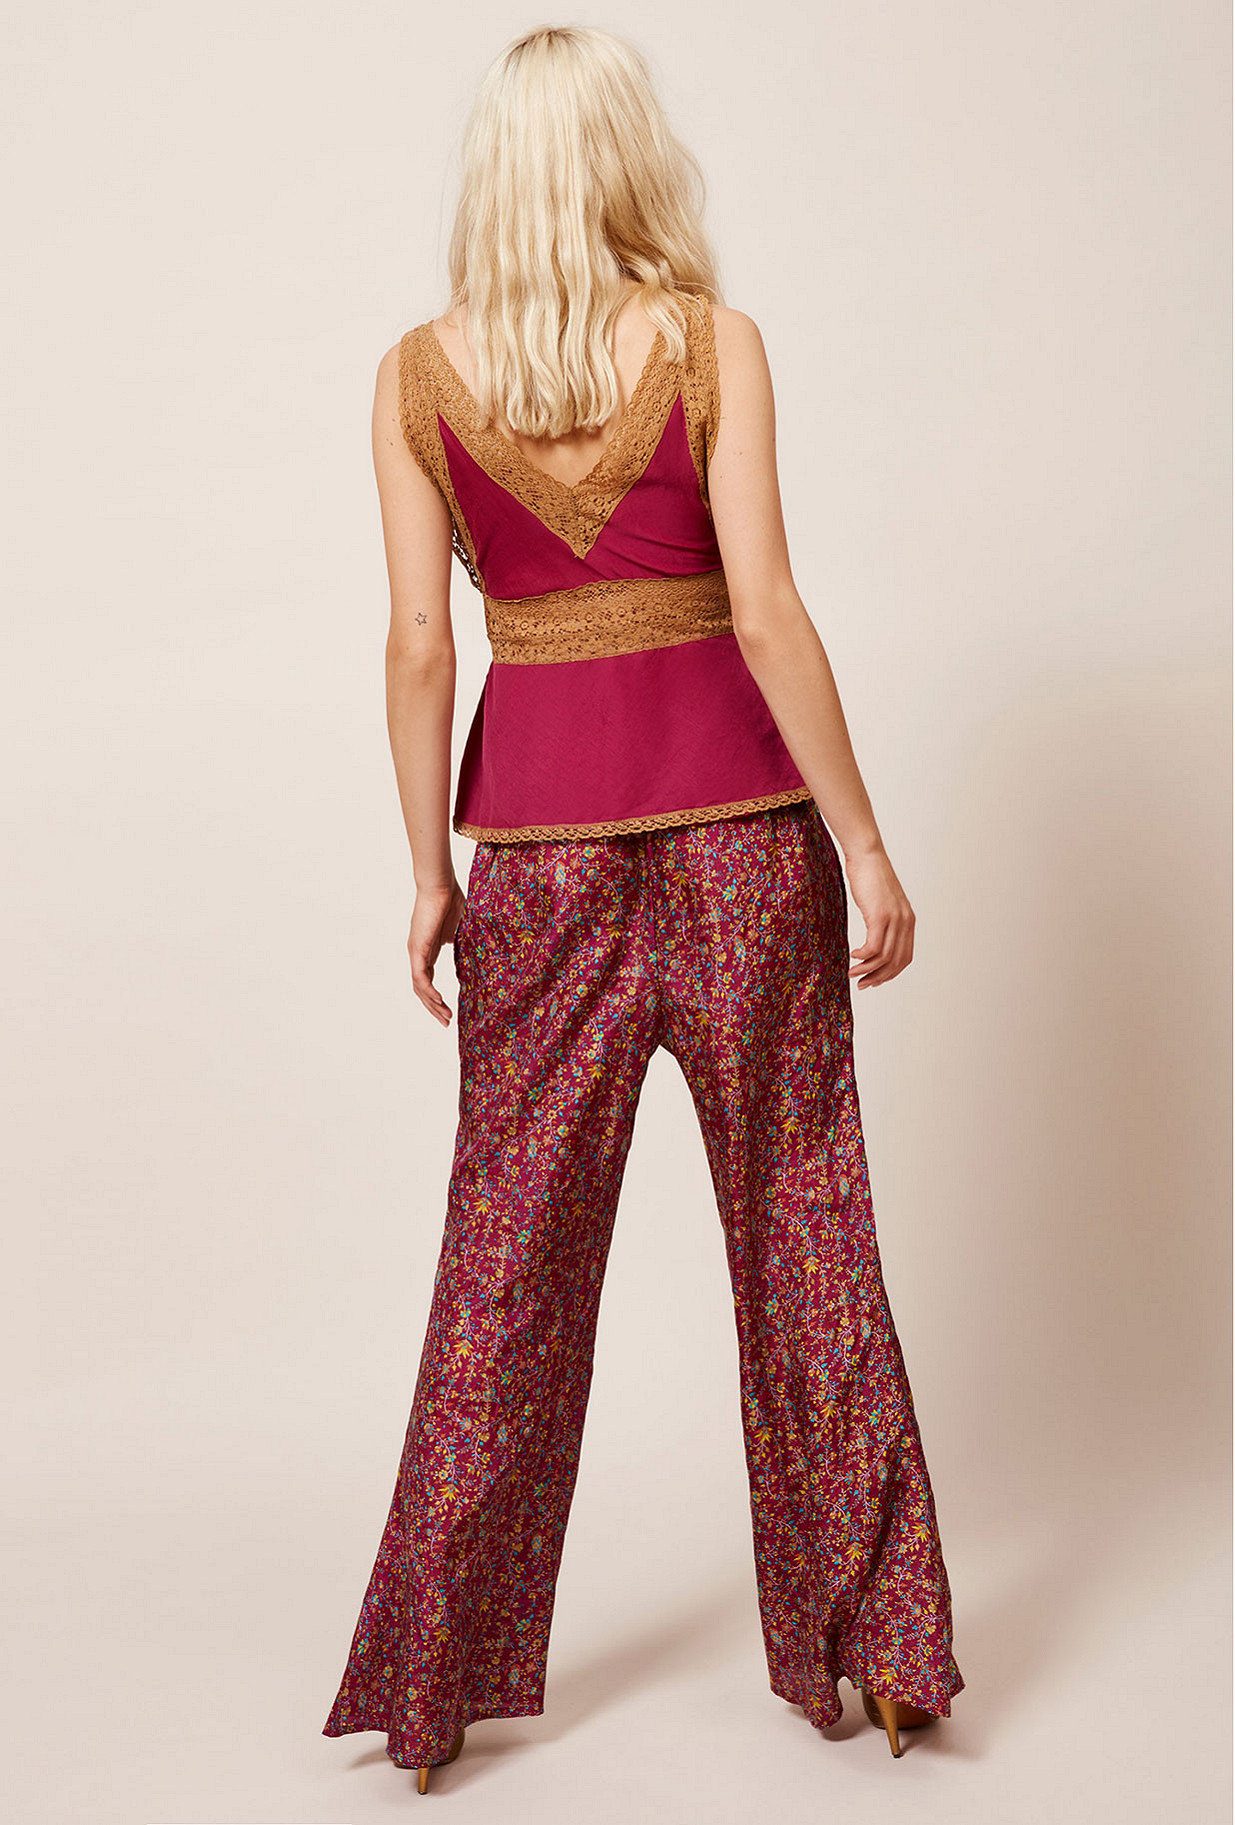 Fushia  Top  Gloria Mes demoiselles fashion clothes designer Paris